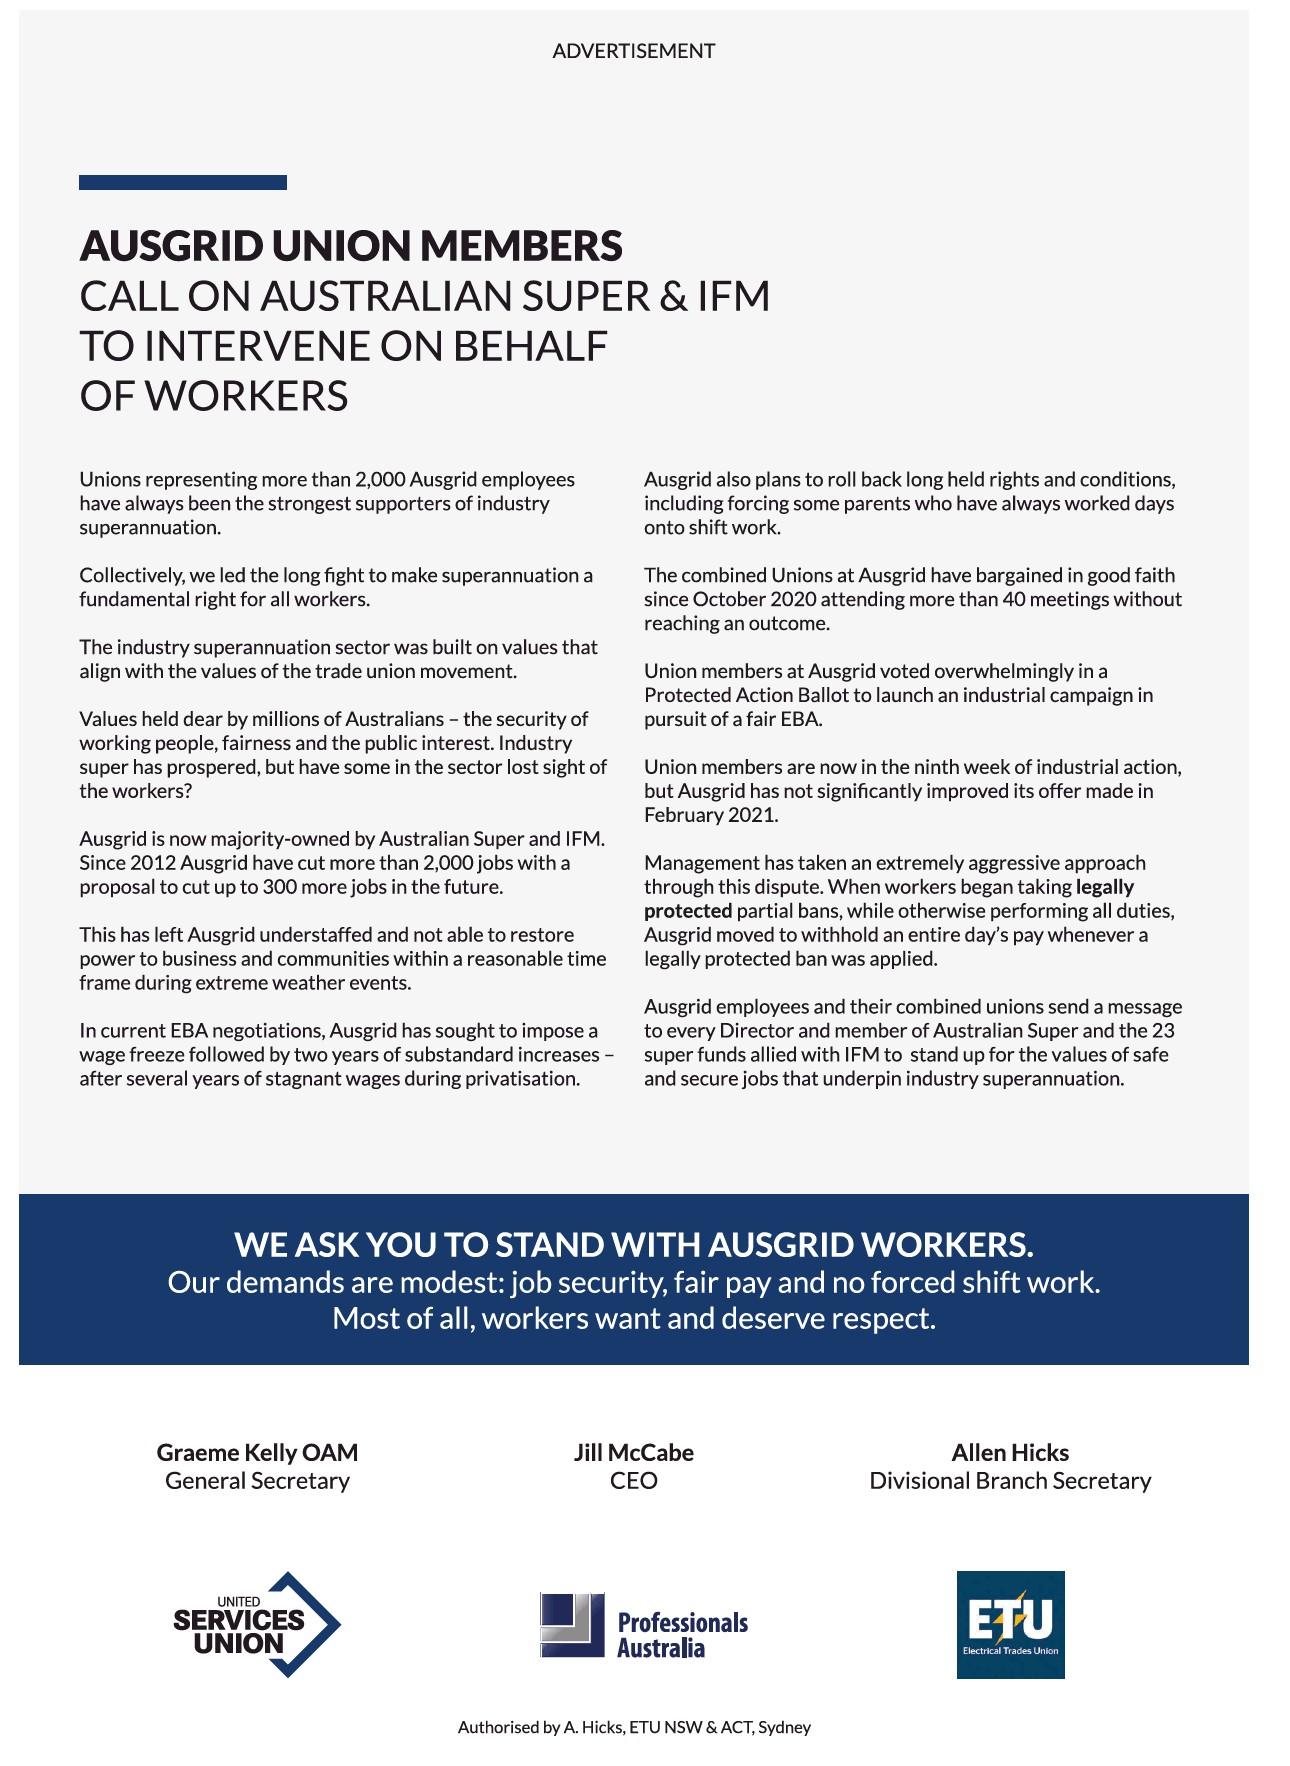 Ausgrid-Calls-Superfund